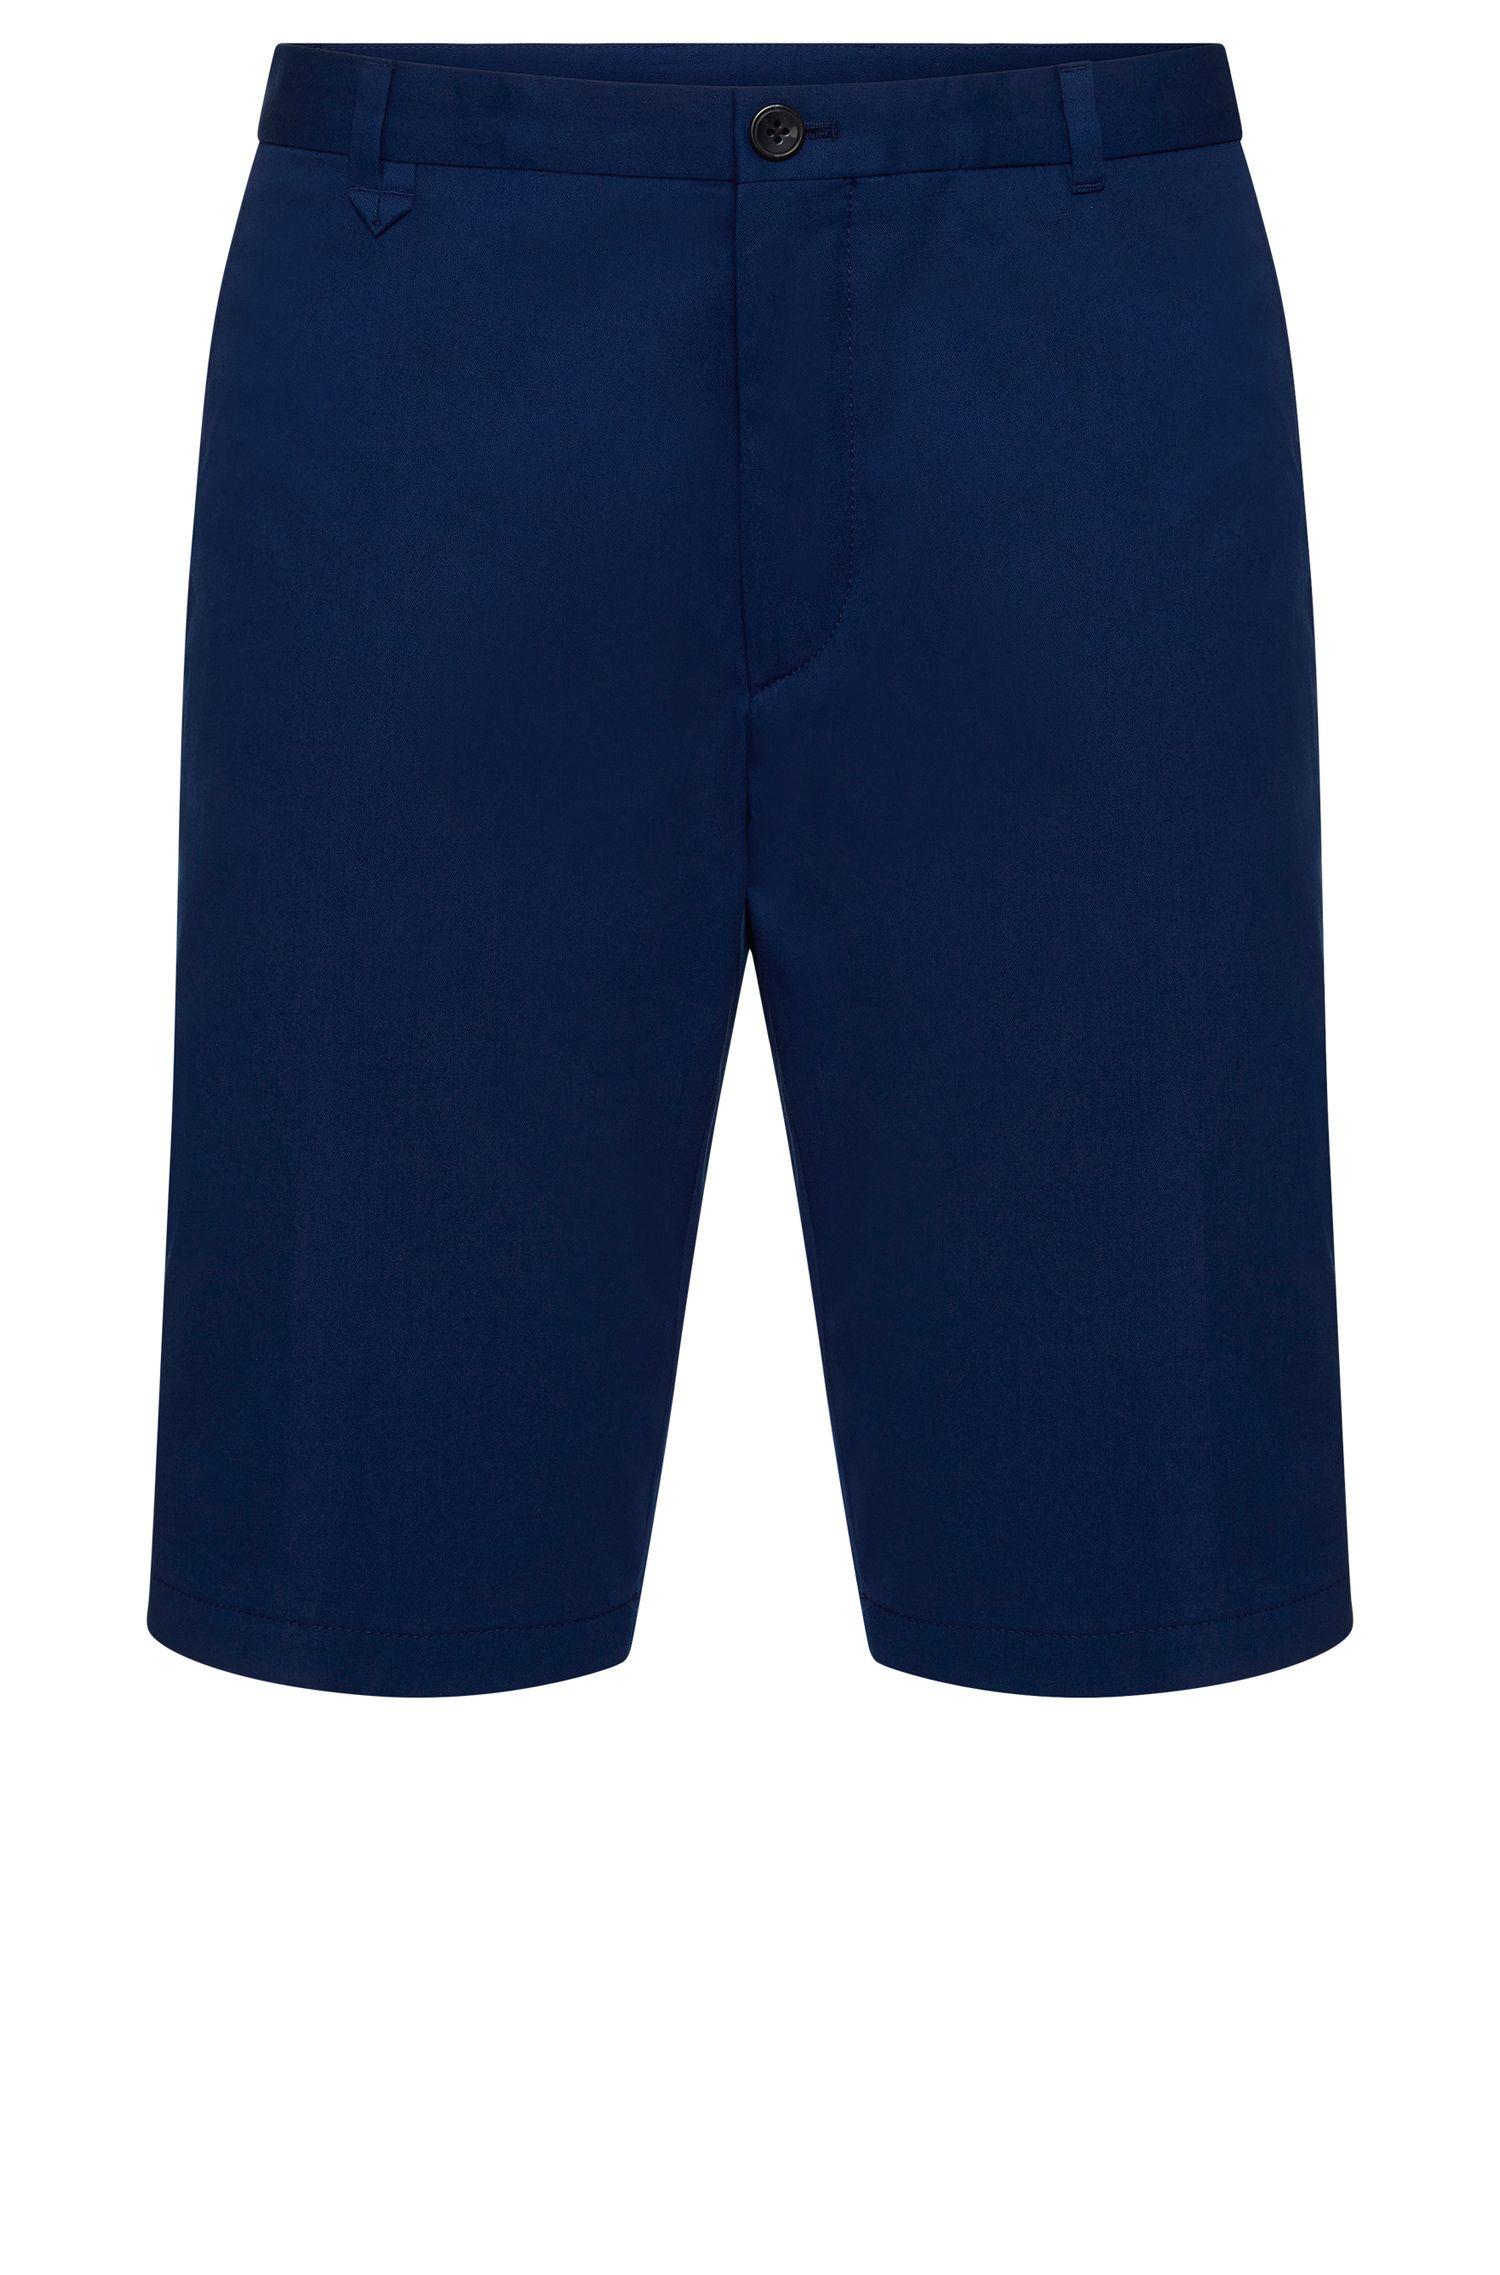 Shorts lisos slim fit en algodón elástico: 'Hano3'